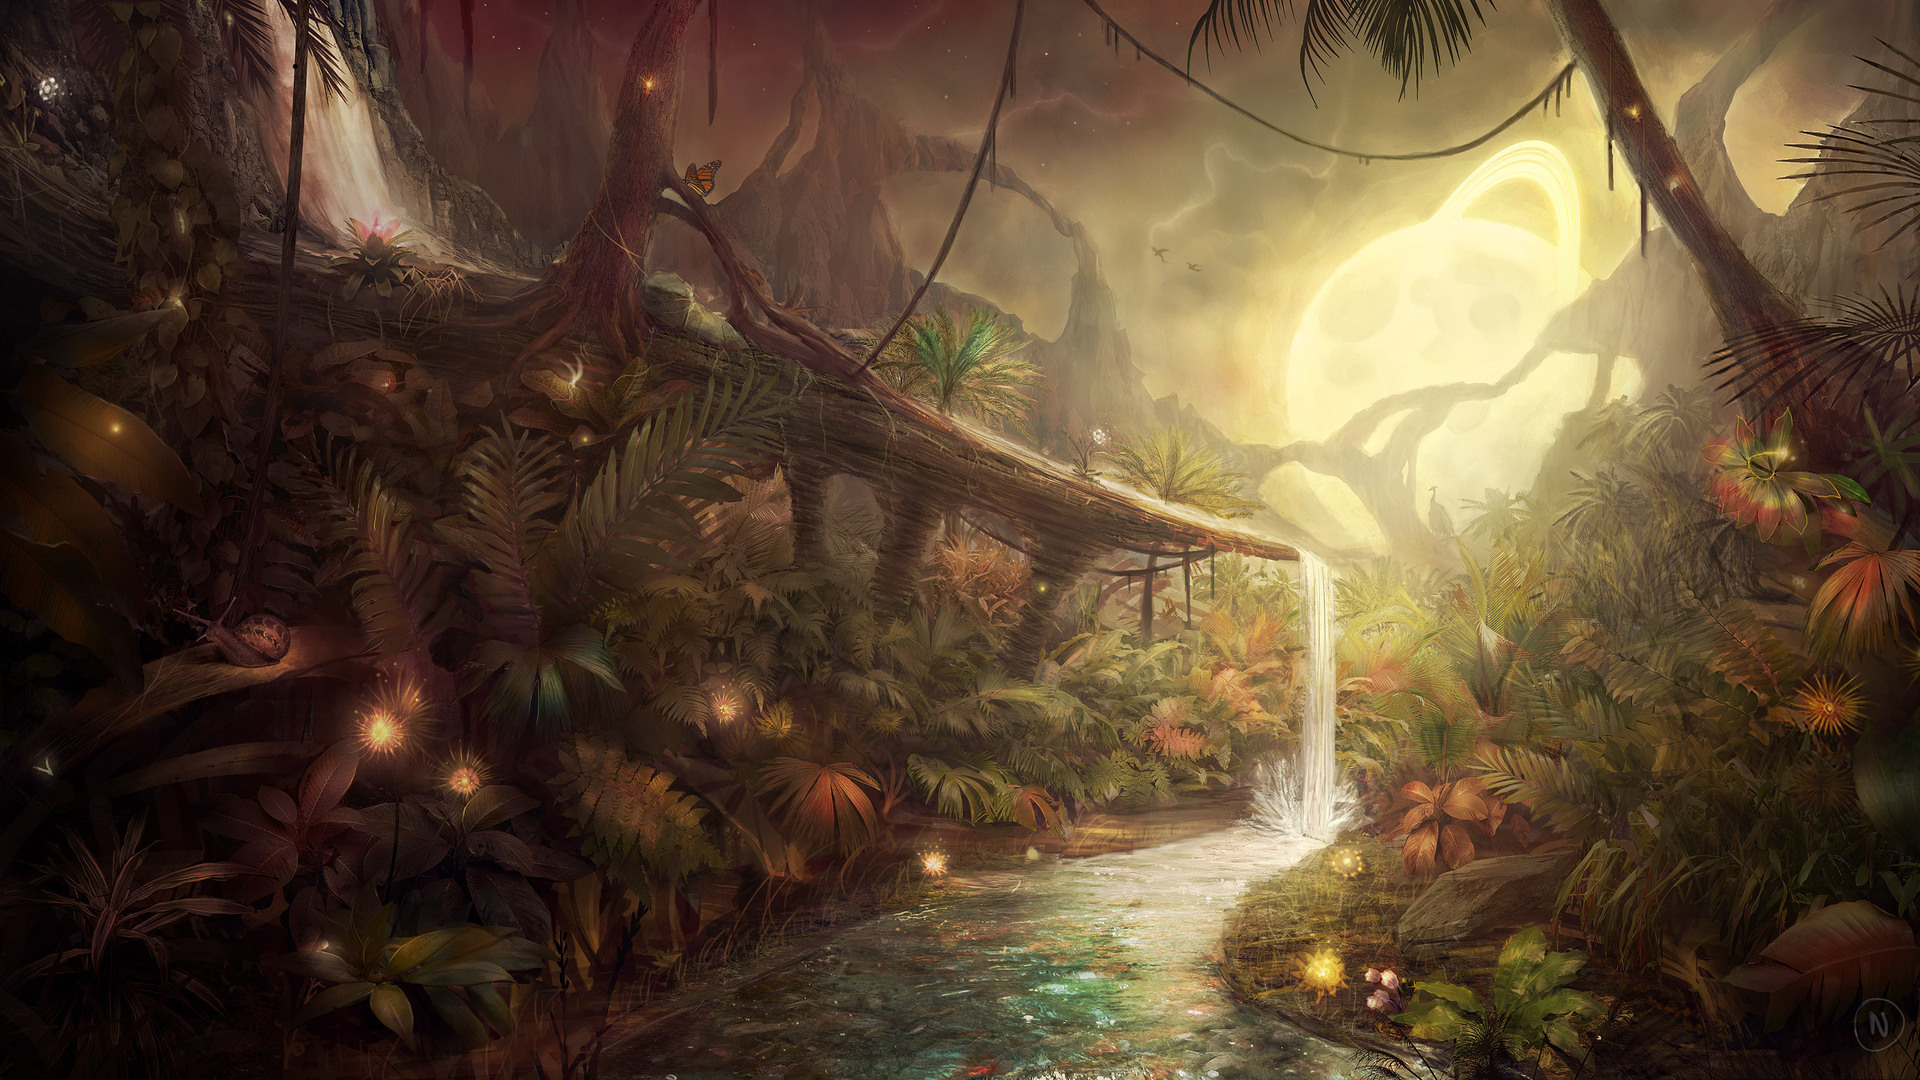 лес, водопад, деревья